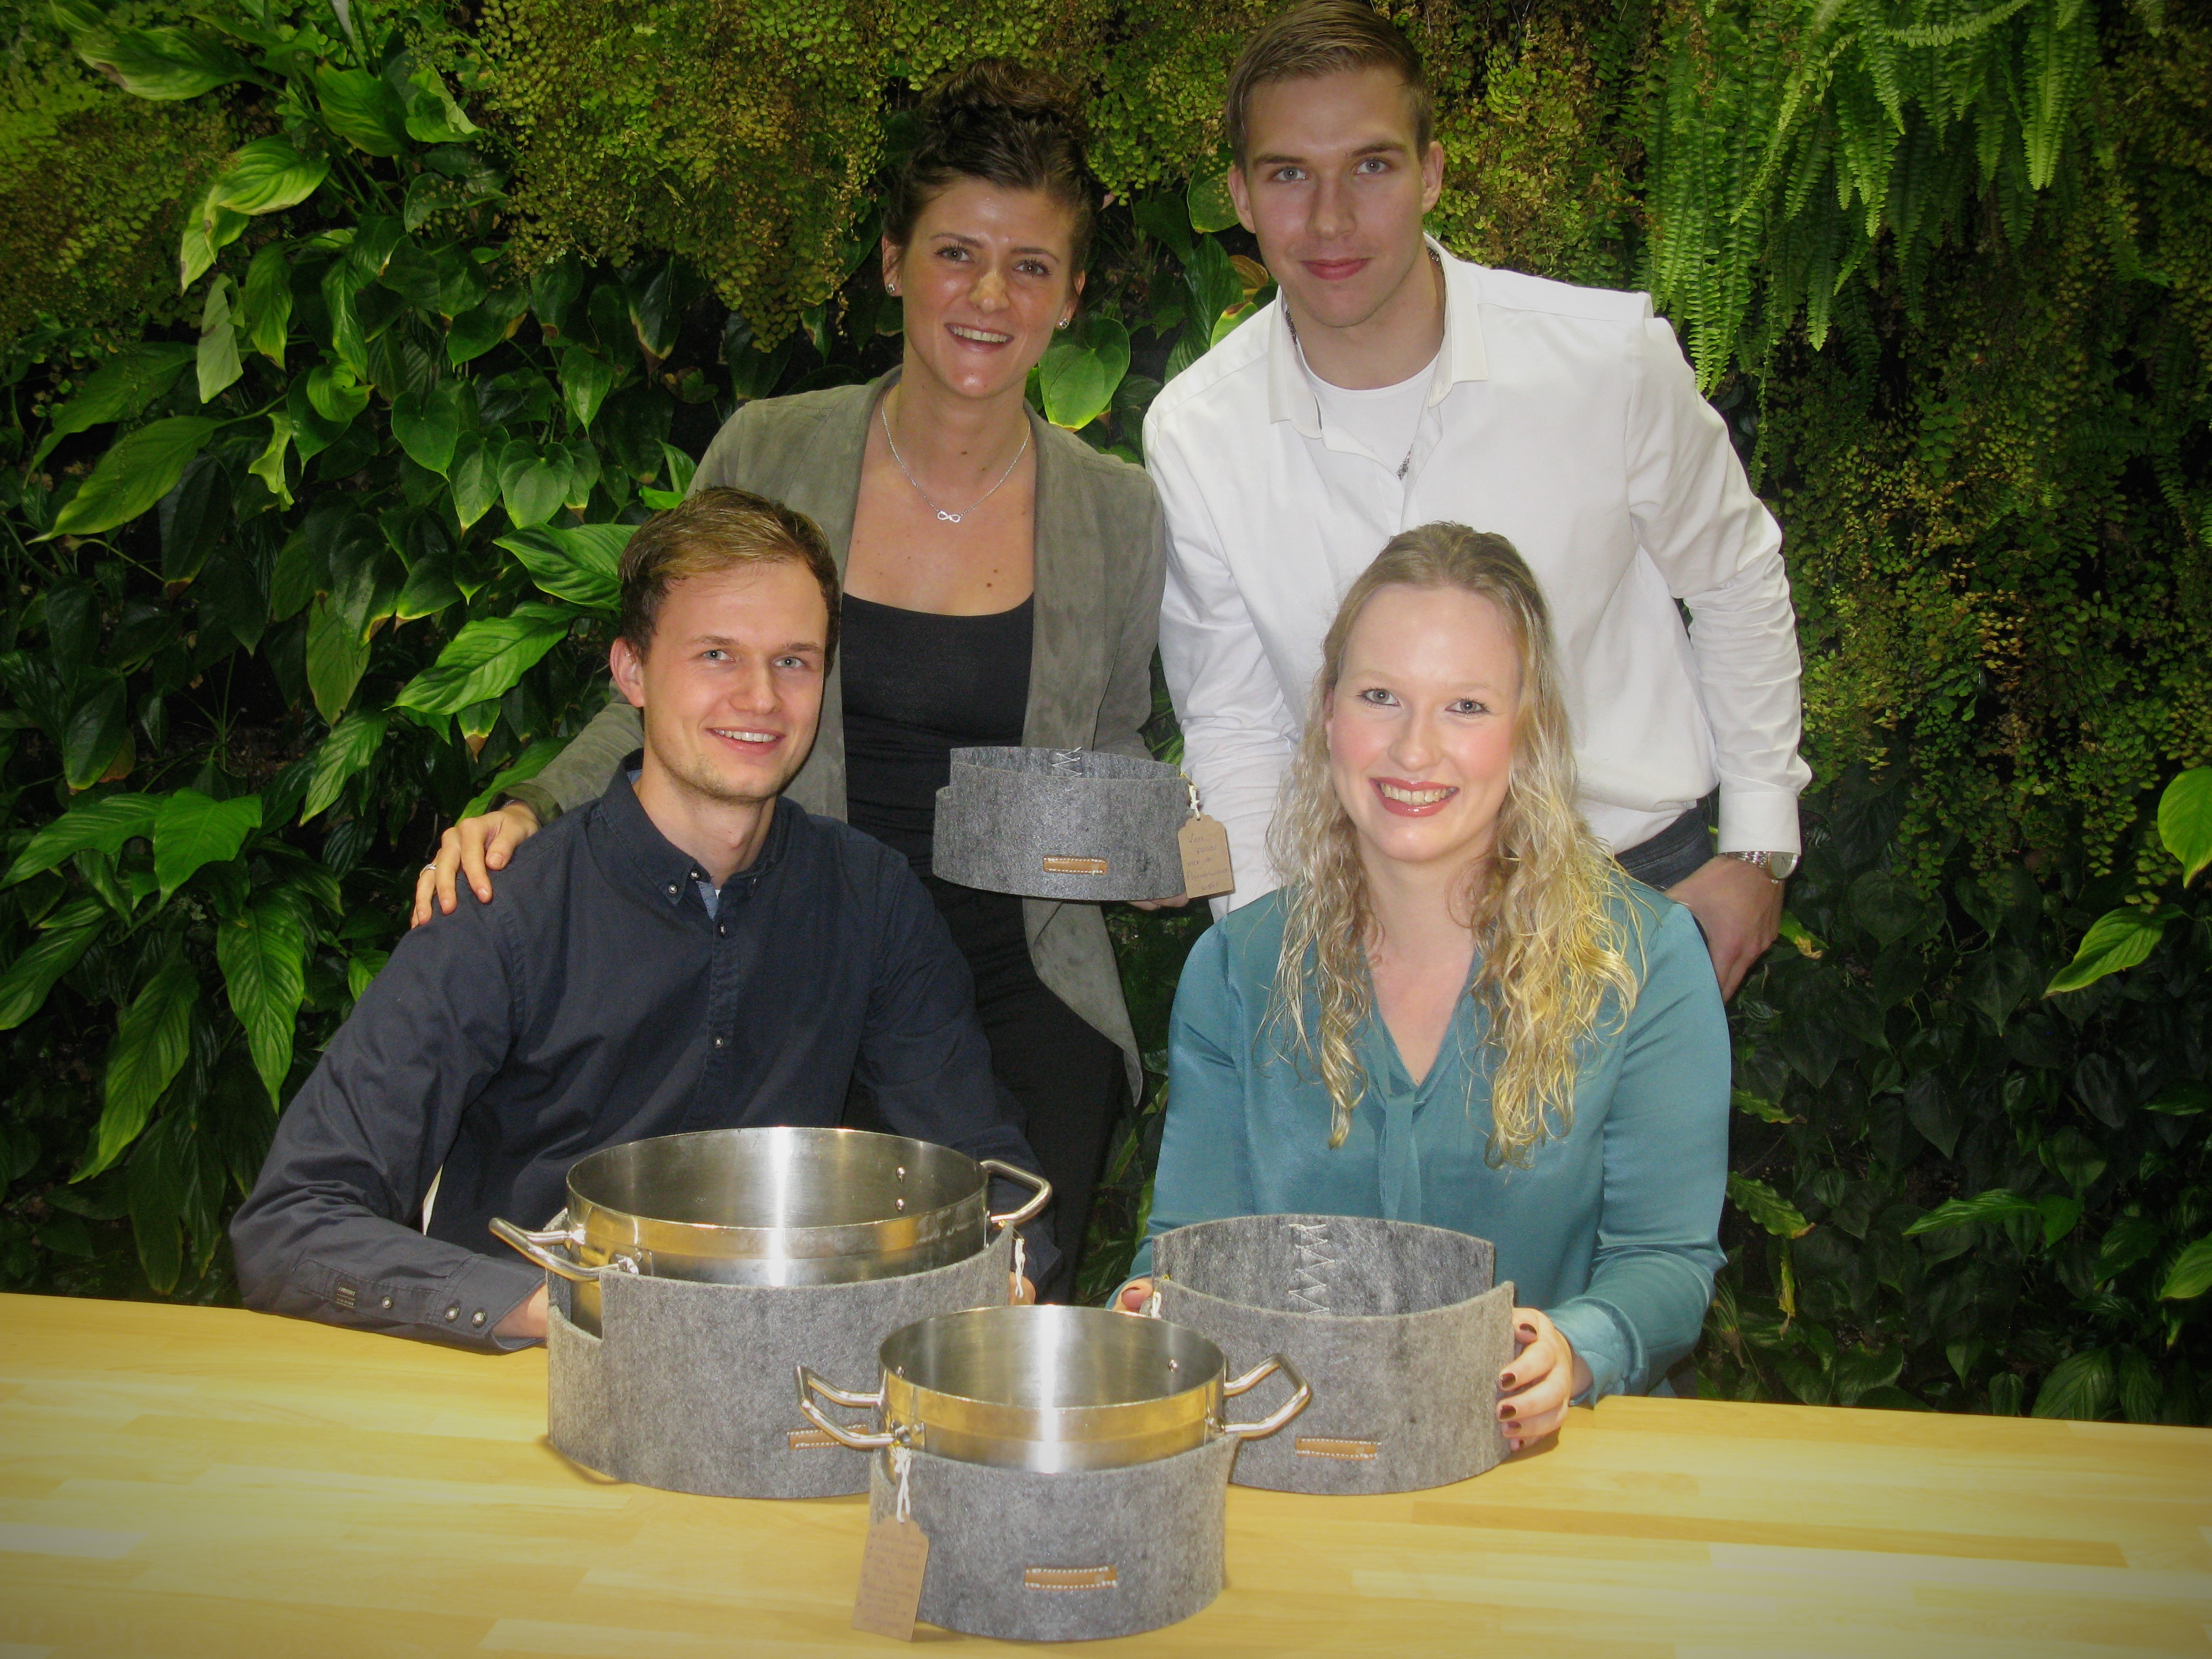 De bedenkers van de pannenwand: Maud (lb), Pieter (rb), Martijn en Merel. (Foto: aangeleverd) rodi.nl © rodi